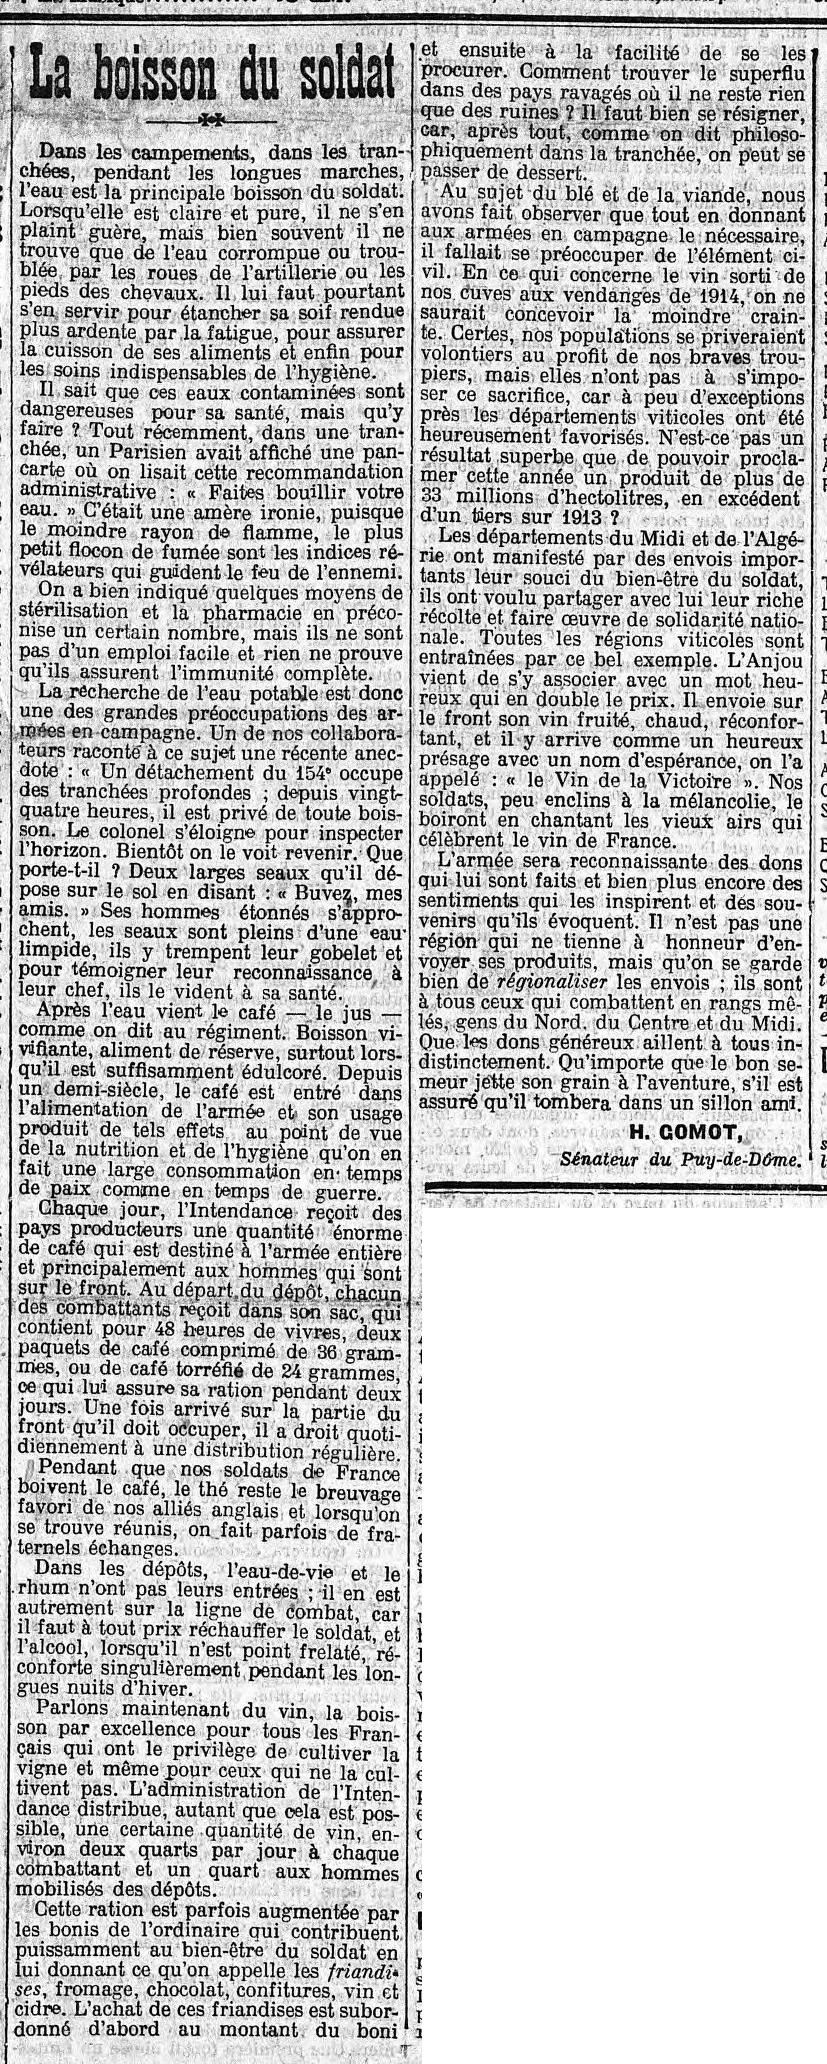 11_decembre_1914.jpg